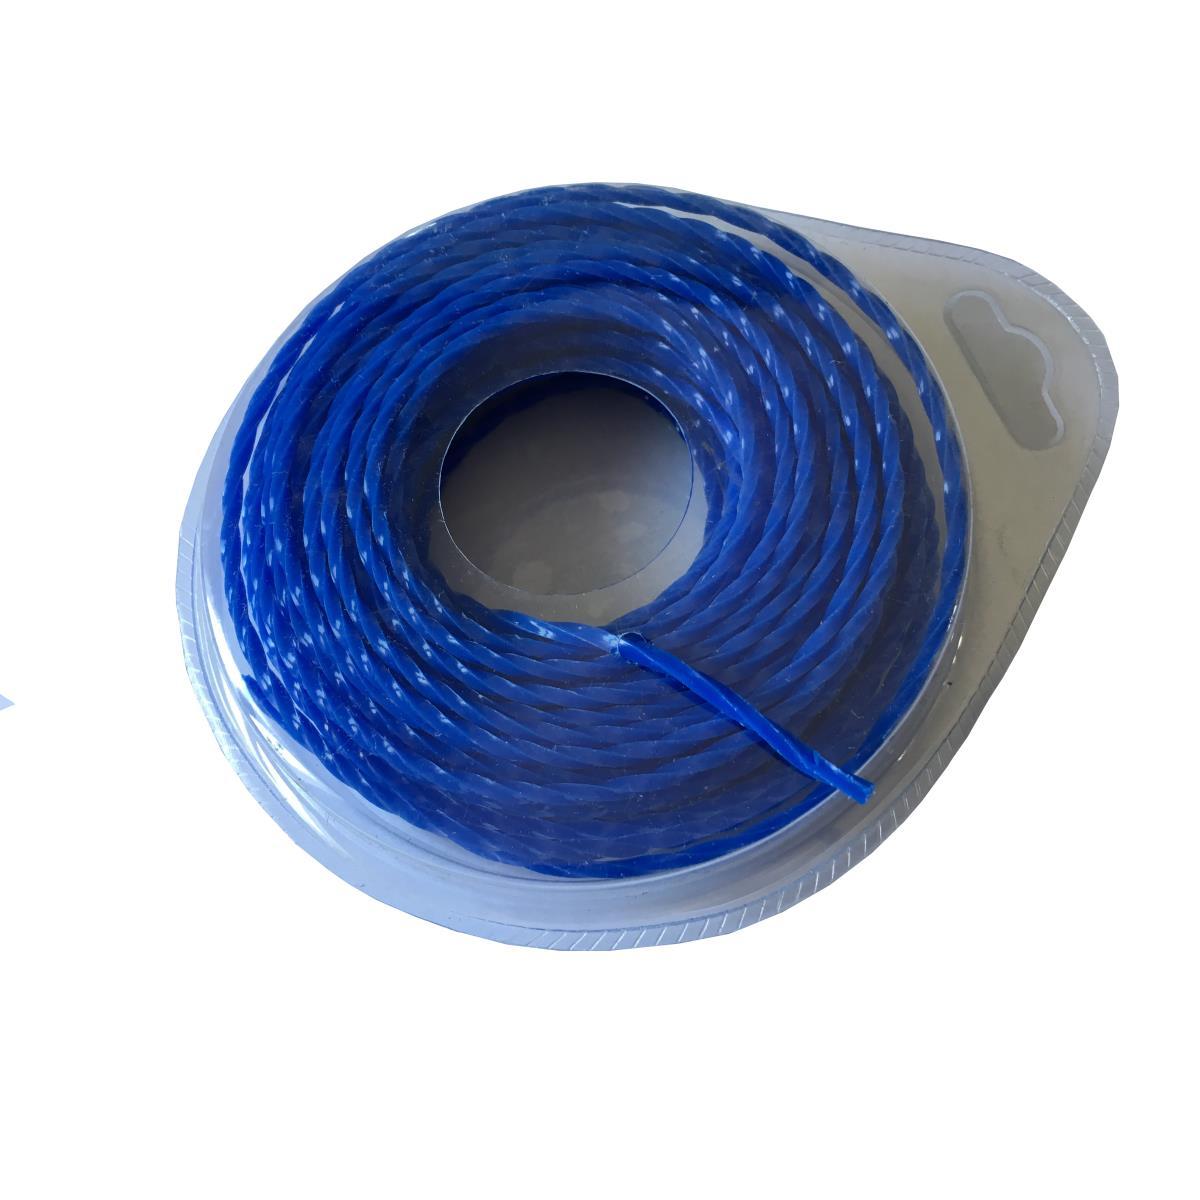 Trimmerschnur 15 m Ø 1,6 mm blauTrimmerfaden Mähfaden Trimmerfaden Rasentrimmer,Cutting,000051158017, 4770364093524